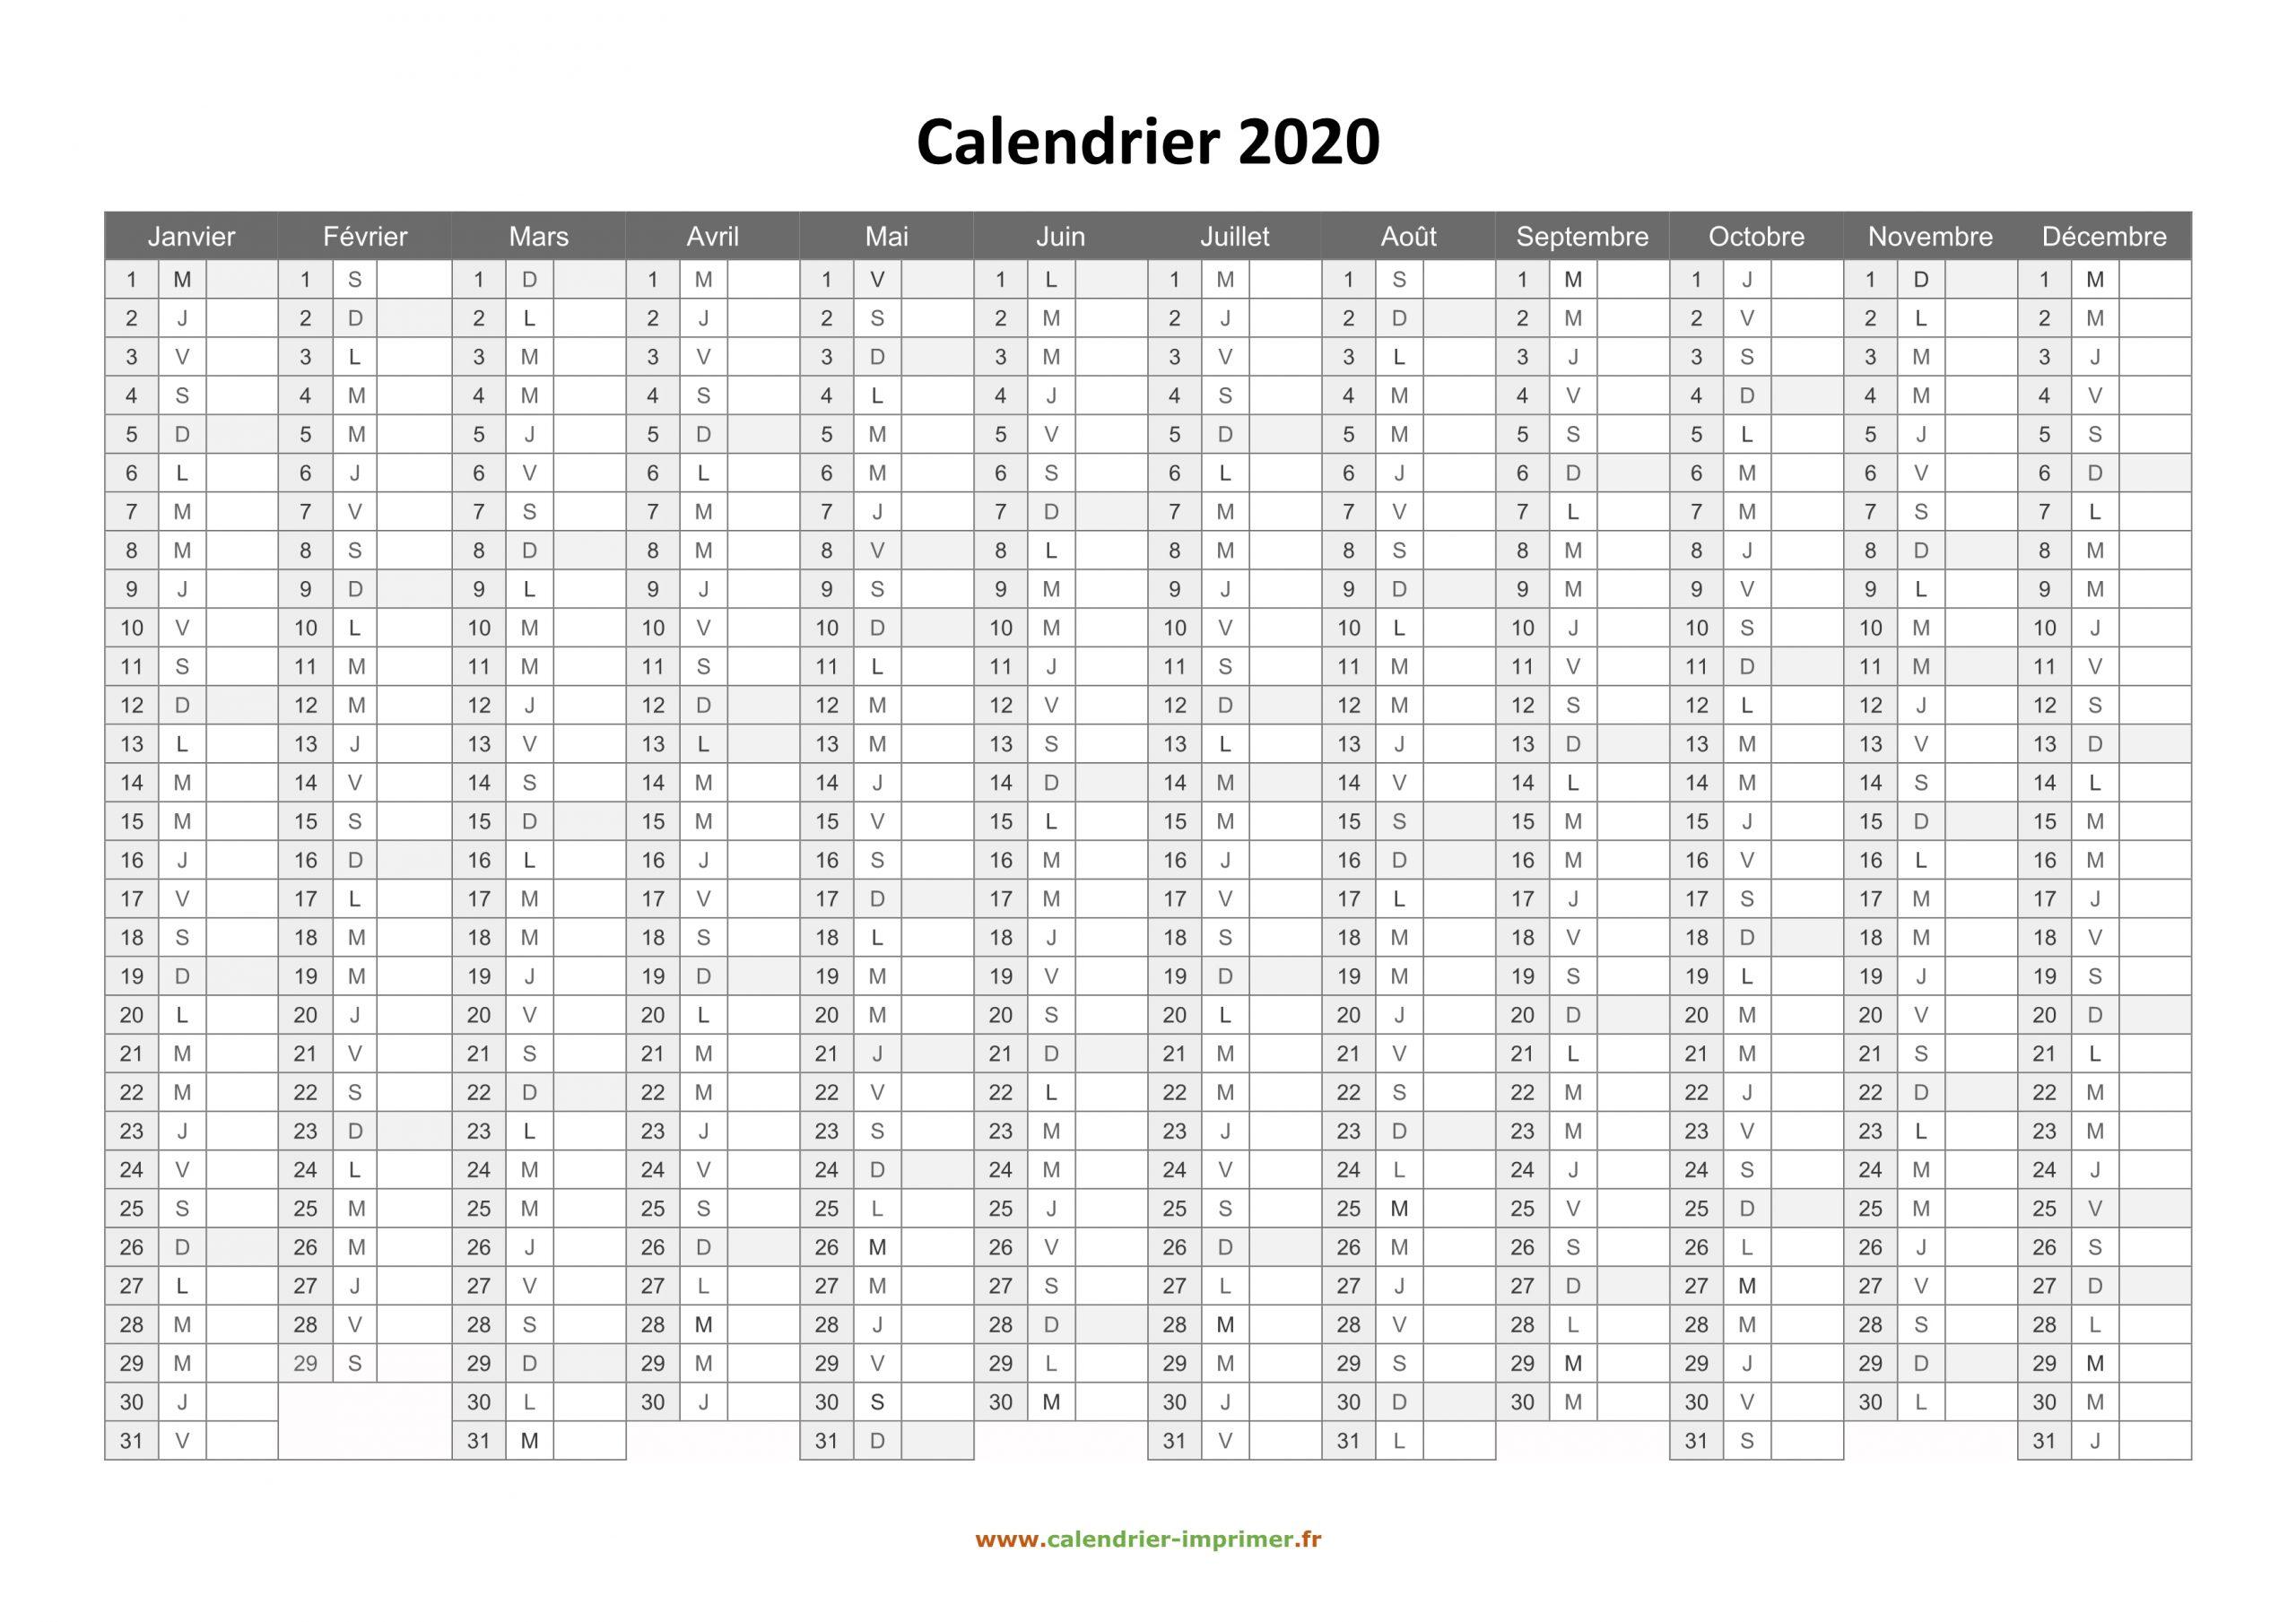 Calendrier 2020 À Imprimer Gratuit pour Calendrier 2019 Avec Semaine